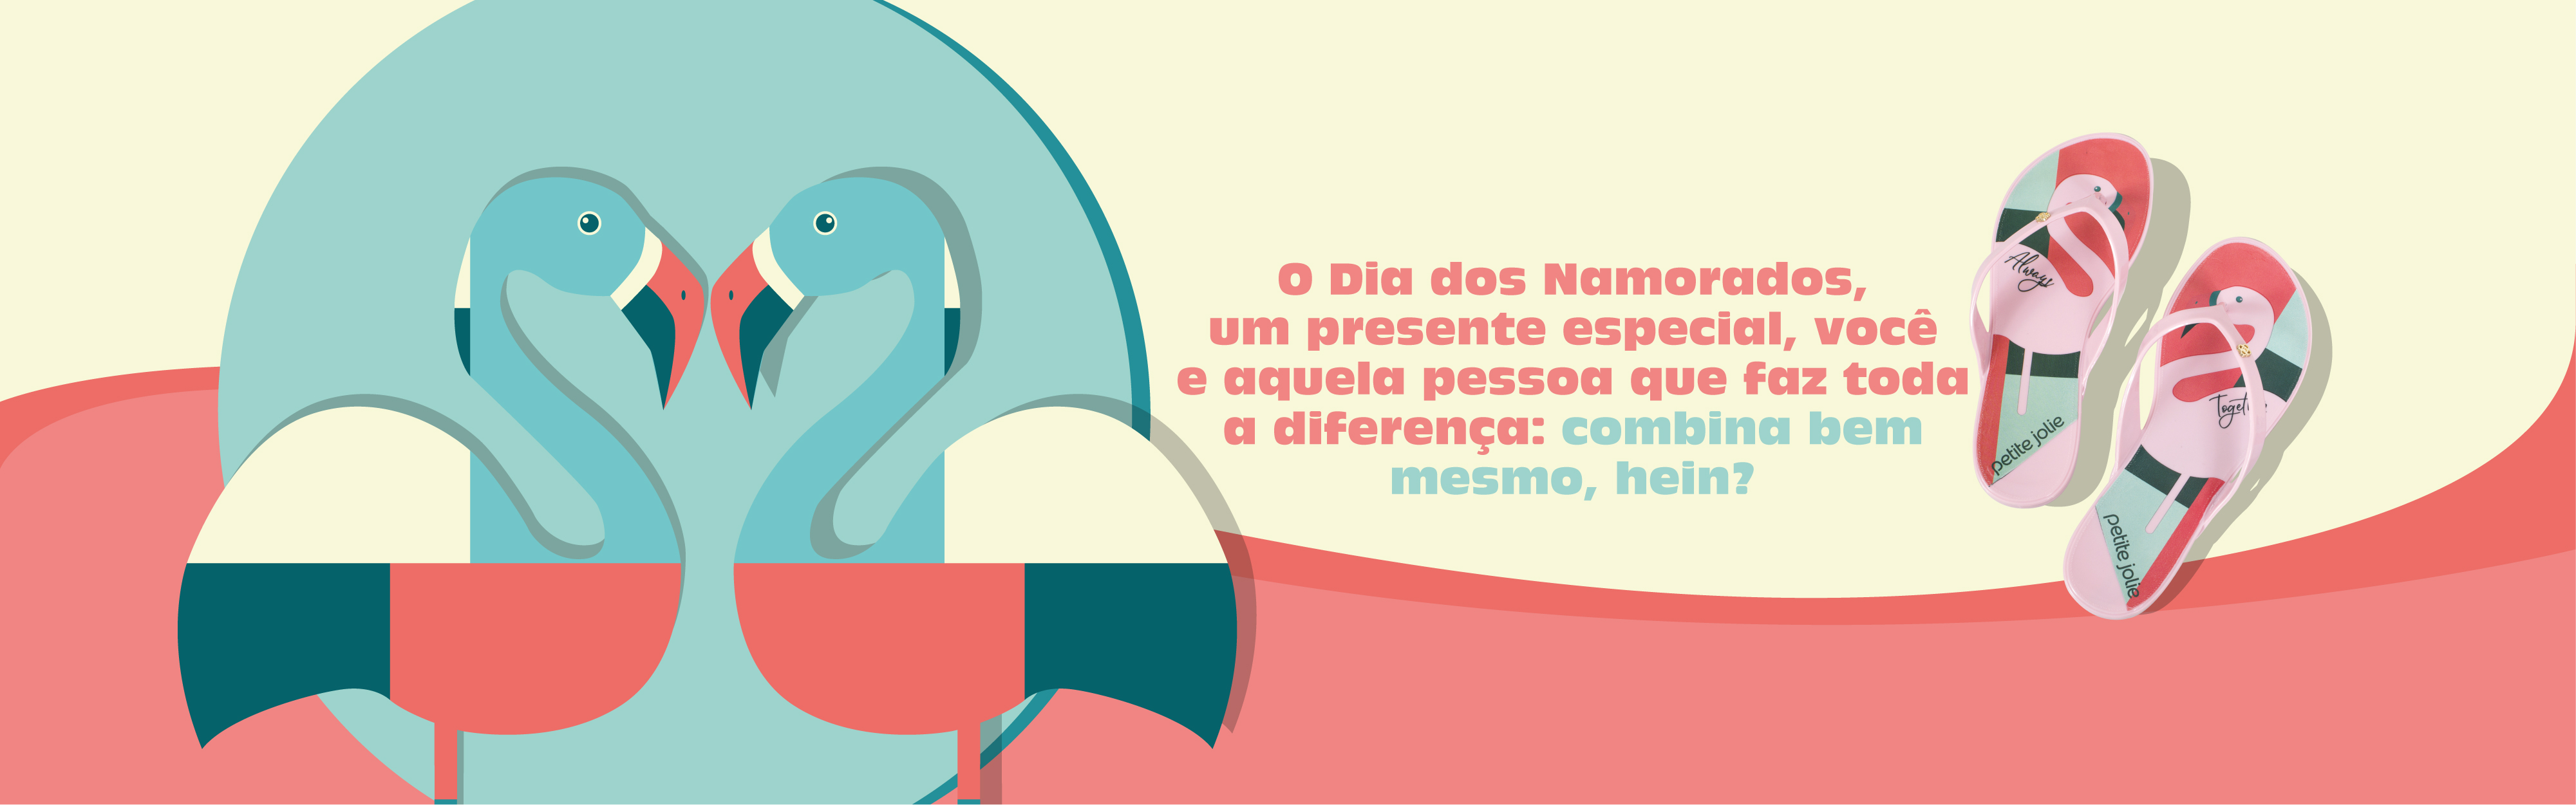 Banner Namorados 3